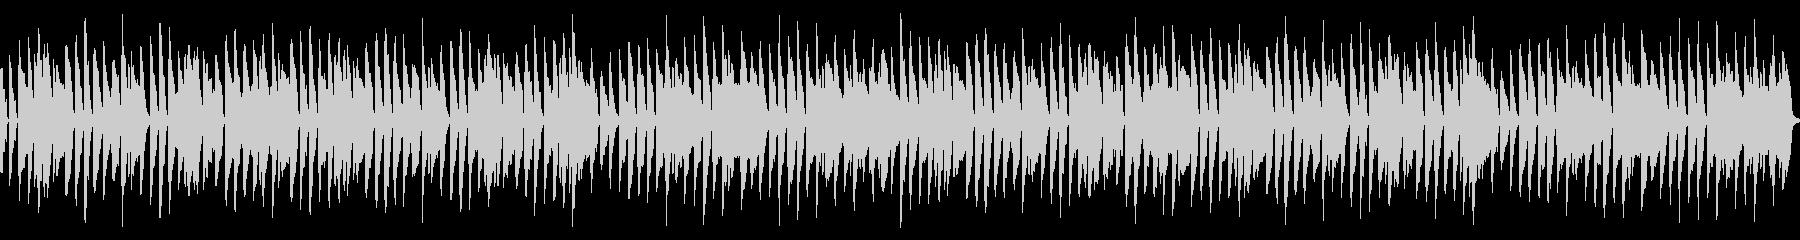 ほのぼのループBGMの未再生の波形